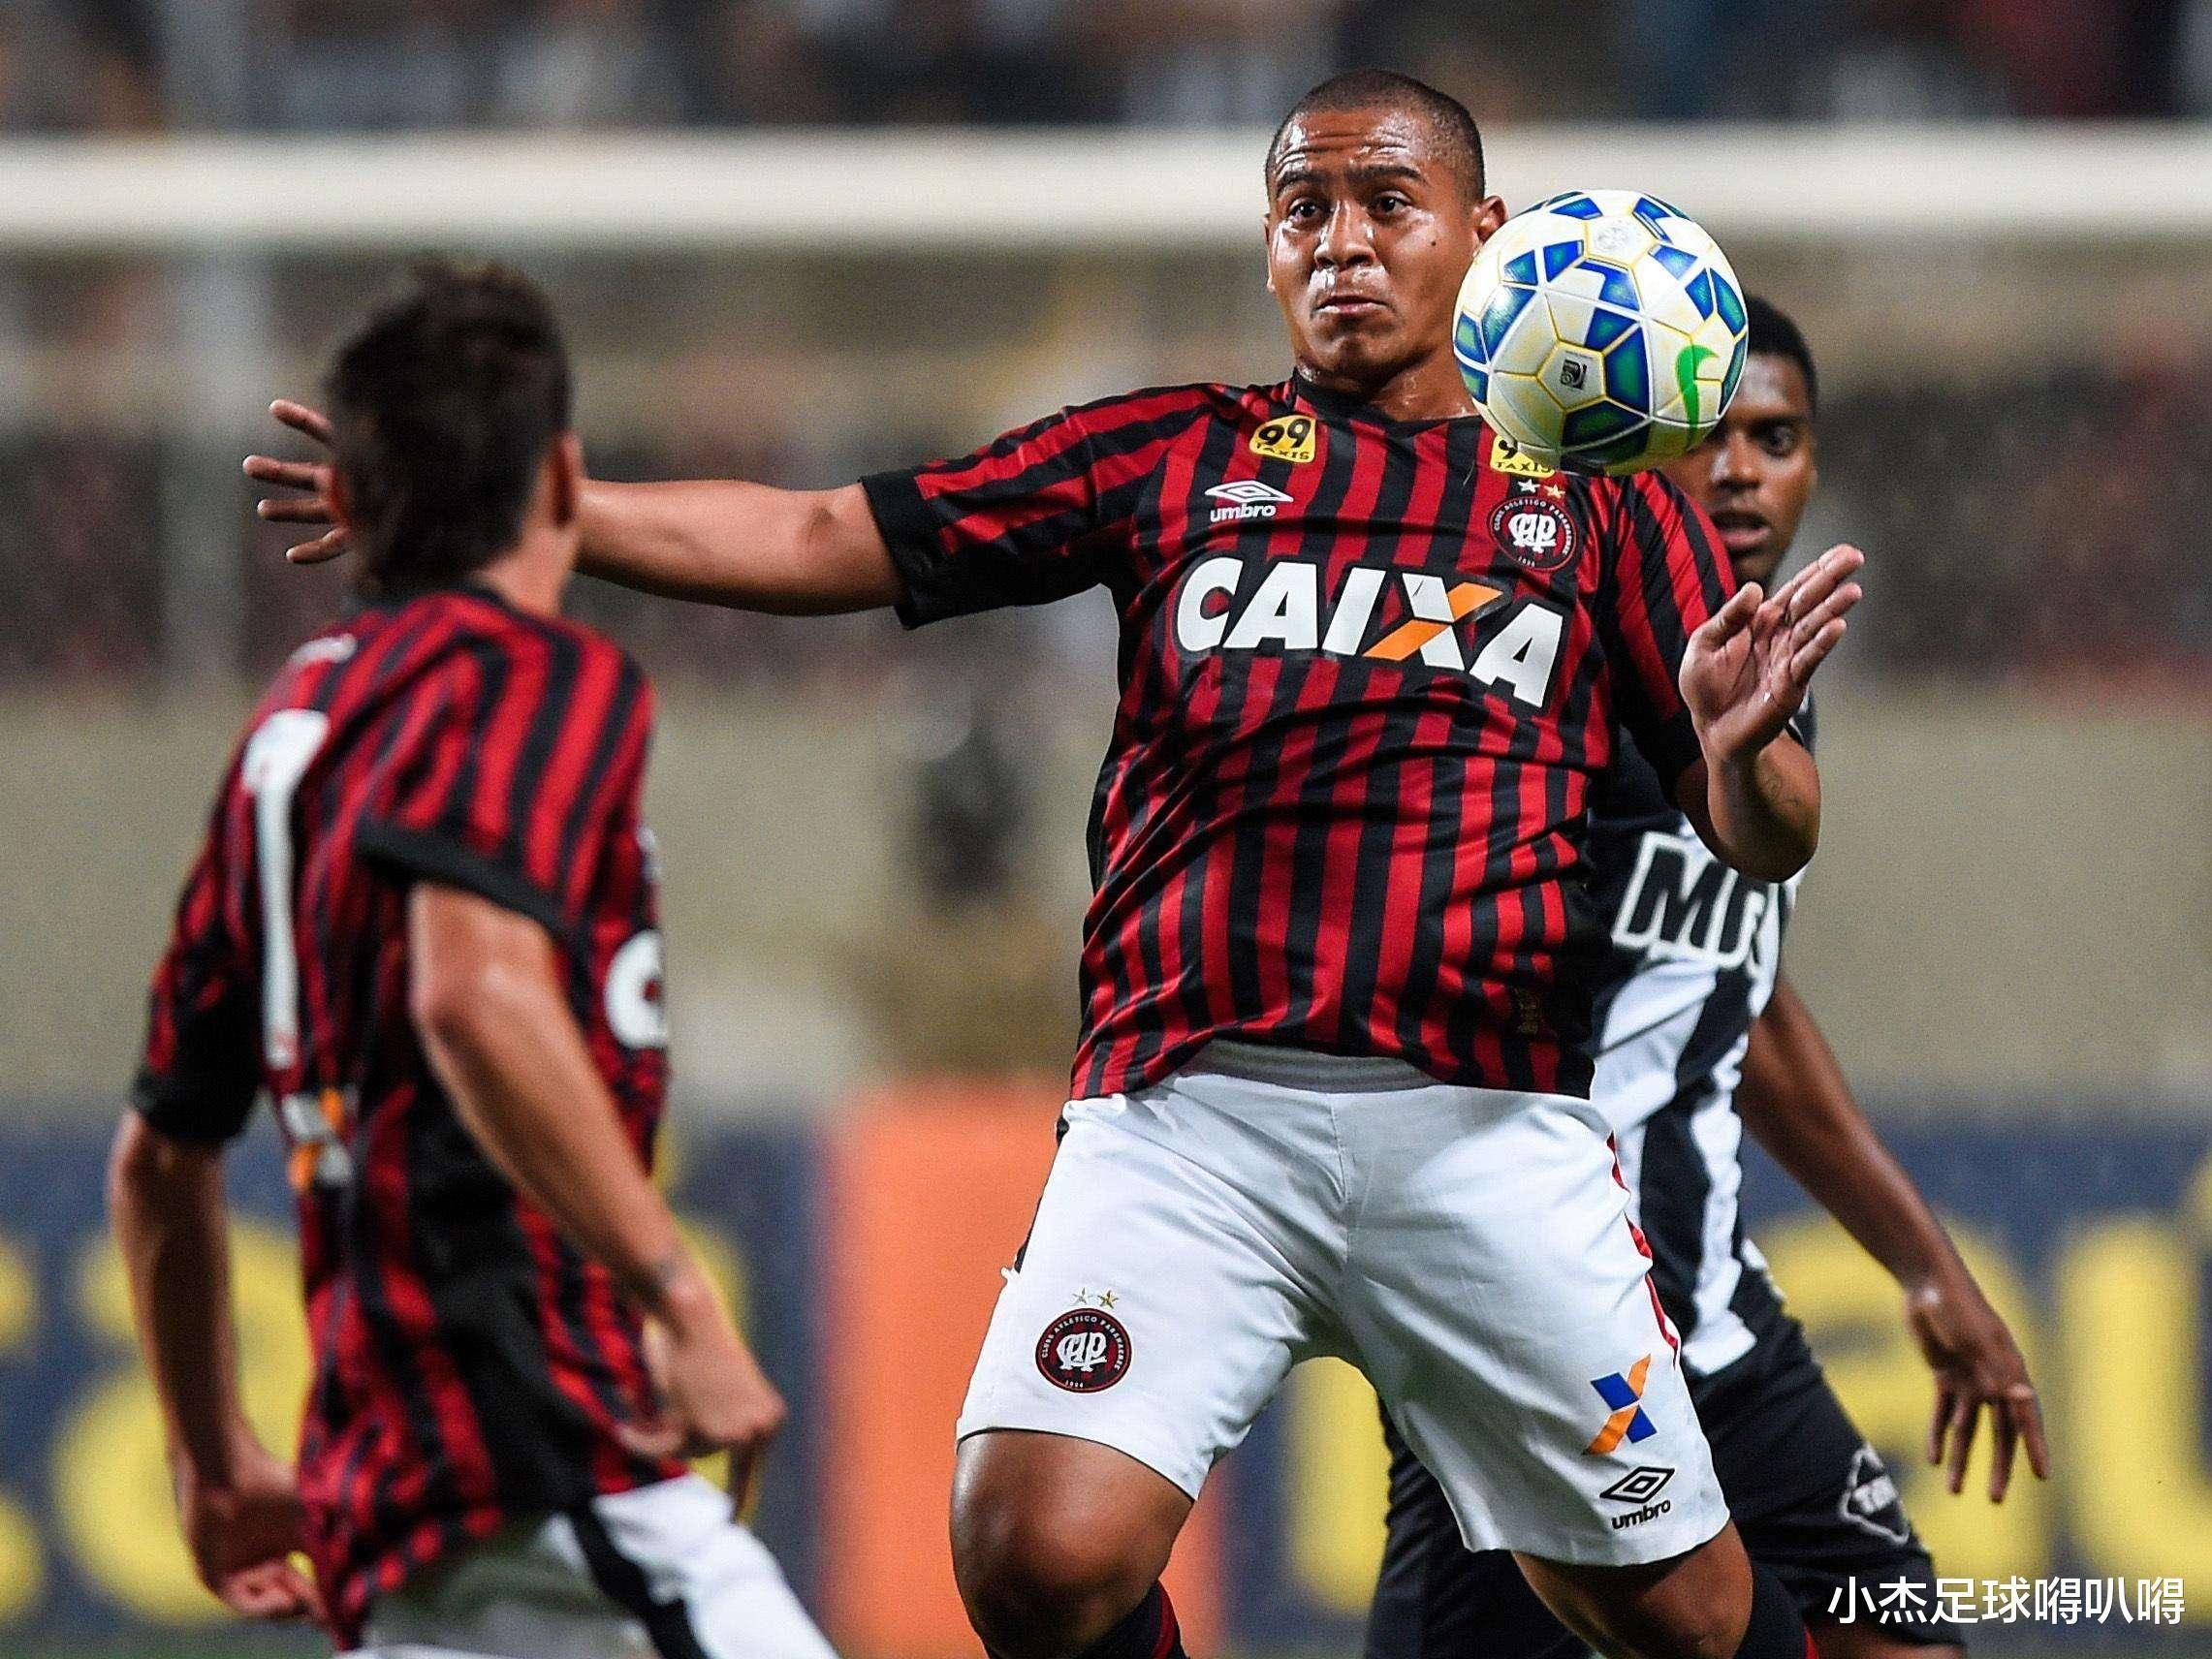 巴甲赛前:巴拉那竞技VS塞阿拉 布拉甘蒂诺VS巴西